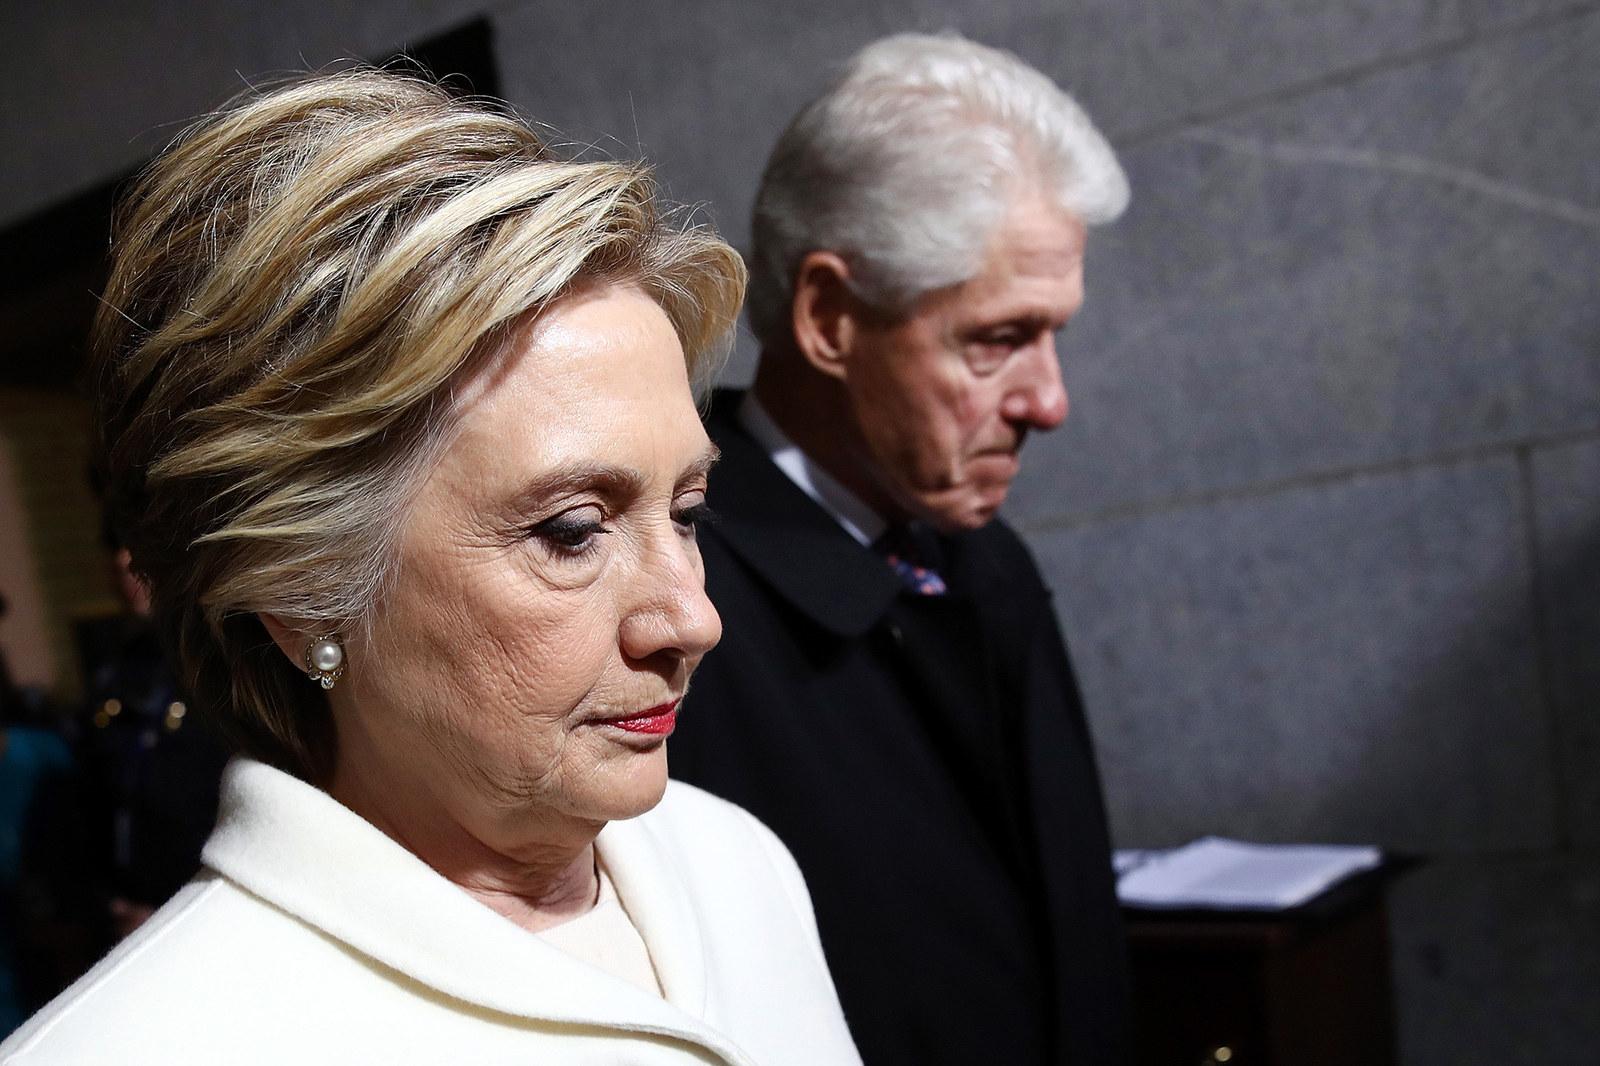 Buzzfeed отобрал самые атмосферные снимки политической элиты Штатов за прошедший год.